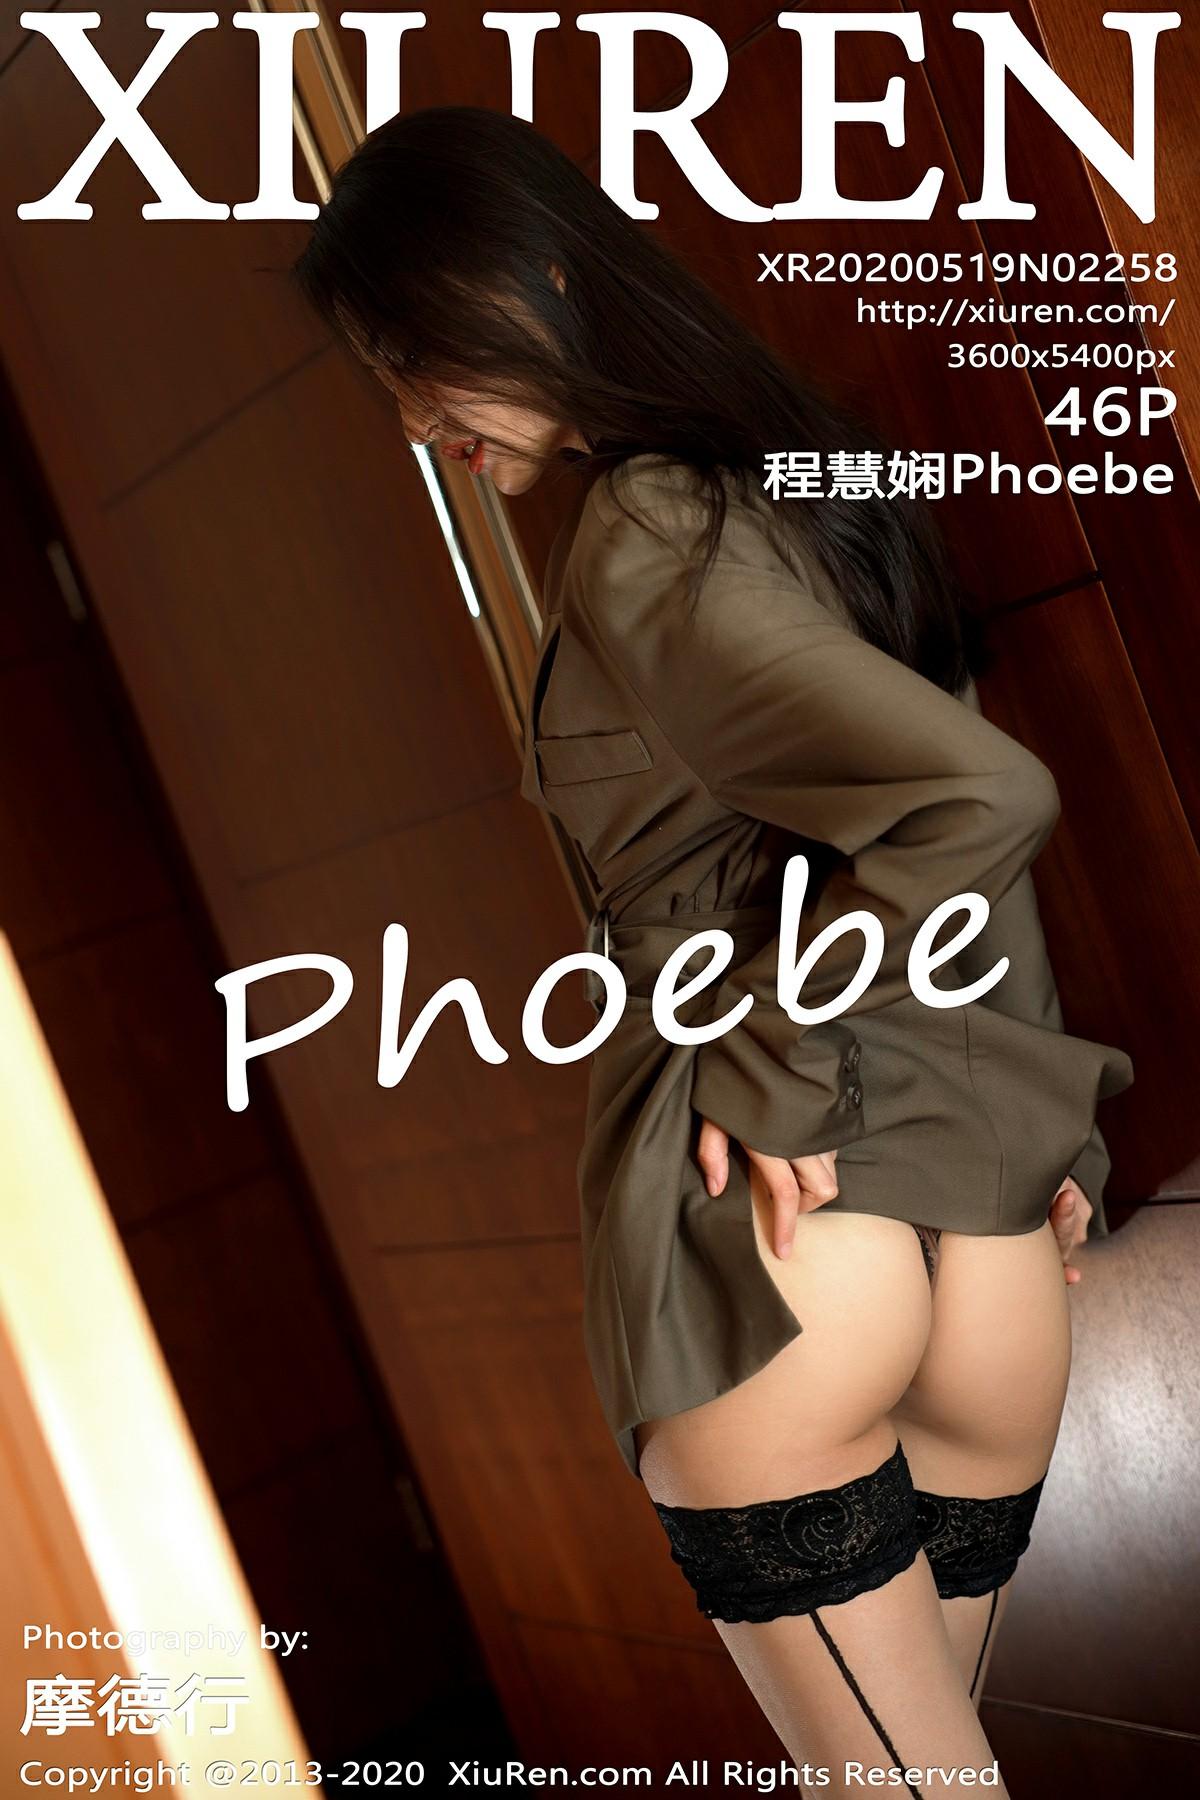 [XiuRen秀人网] 2020.05.19 No.2258 程慧娴Phoebe 第1张